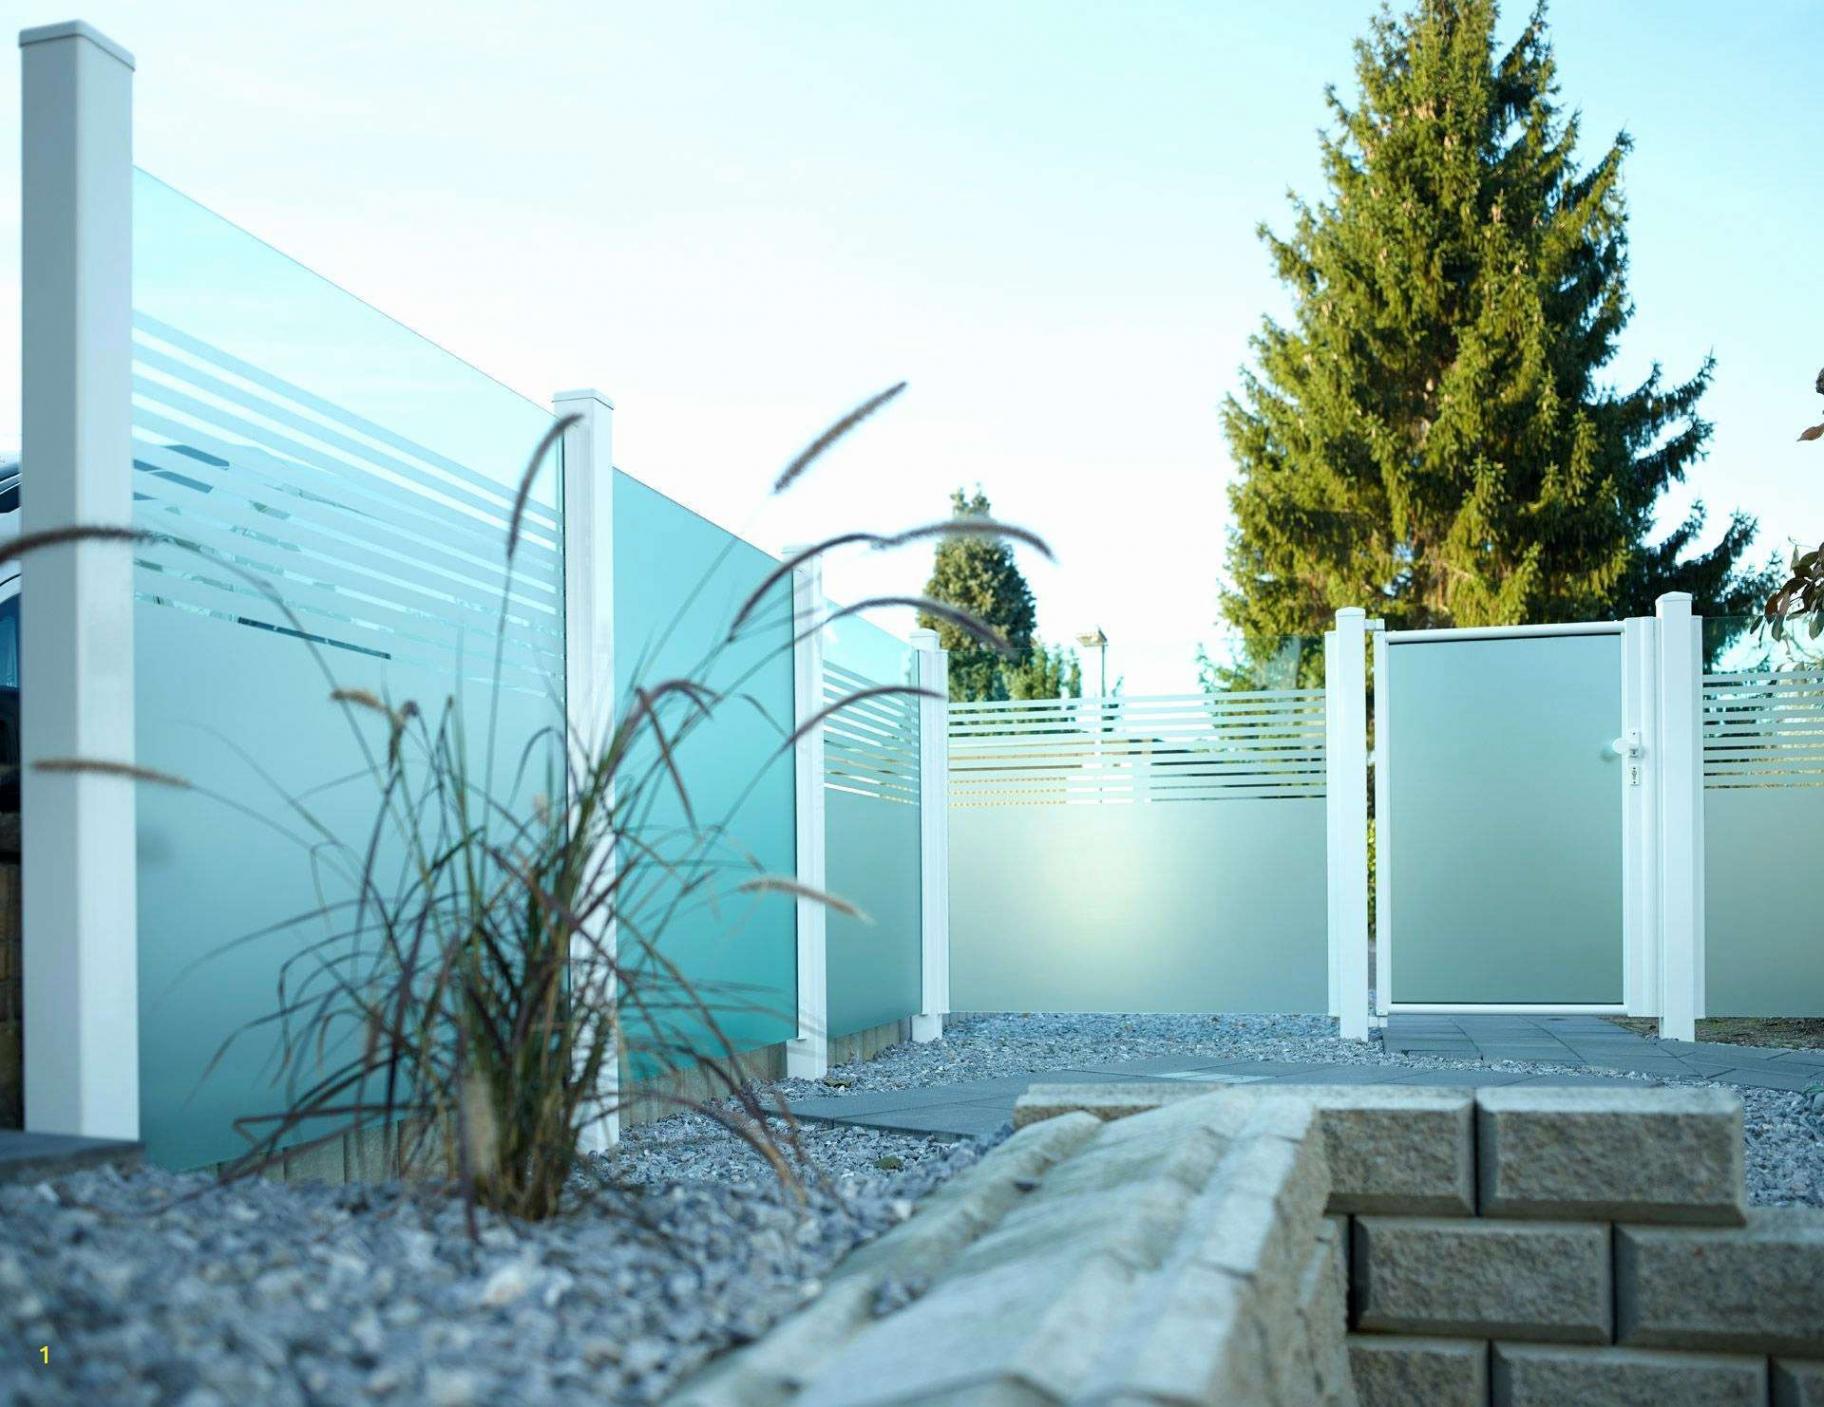 Alte Türen Im Garten Dekorieren Best Of Ideen Mit Alten Türen — Temobardz Home Blog